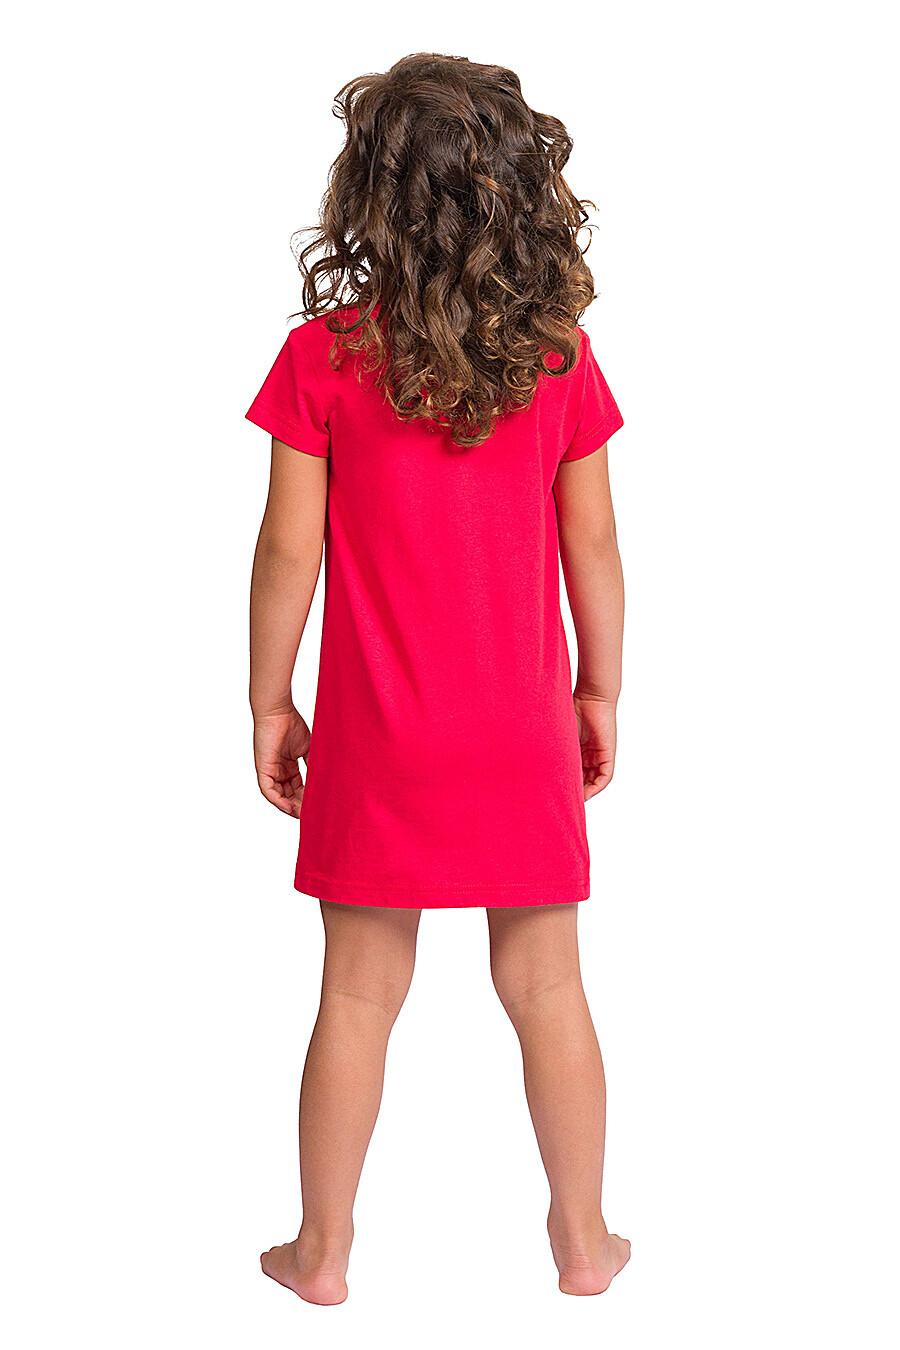 Ночная сорочка для девочек PELICAN 161318 купить оптом от производителя. Совместная покупка детской одежды в OptMoyo